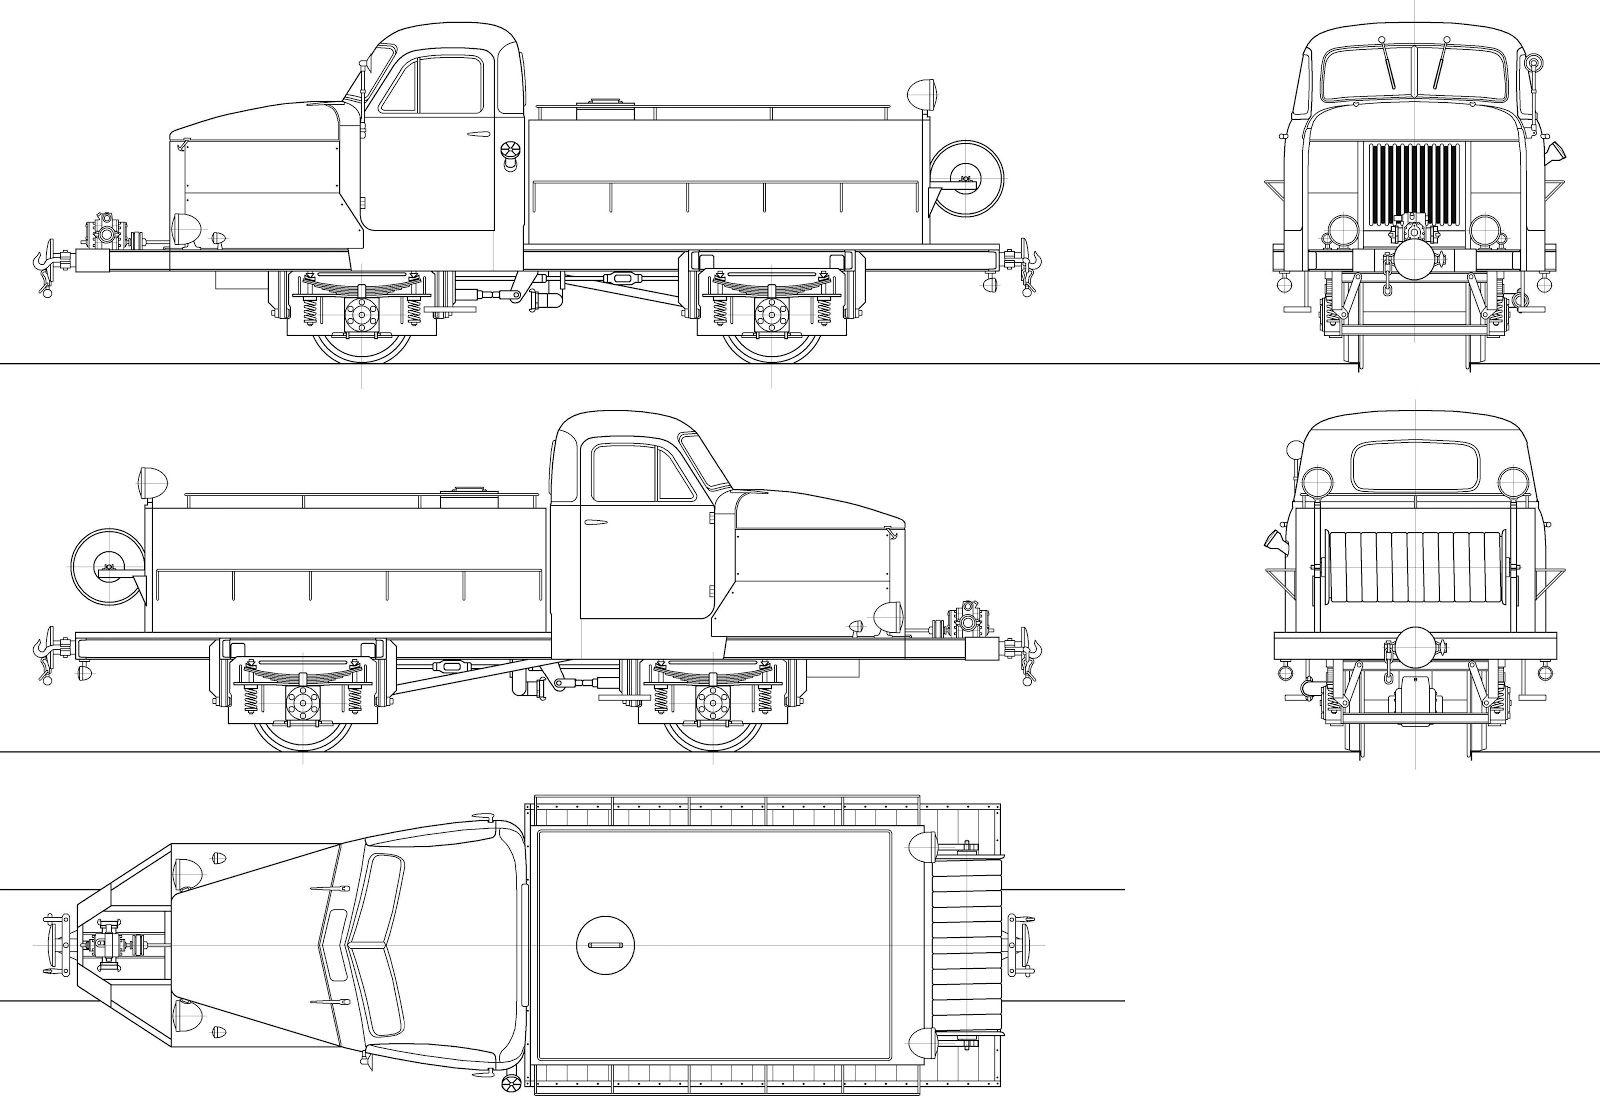 hight resolution of blog dedicated to narrow gauge railway modeling blog dedicado ao modelismo ferrovi rio em via estreita